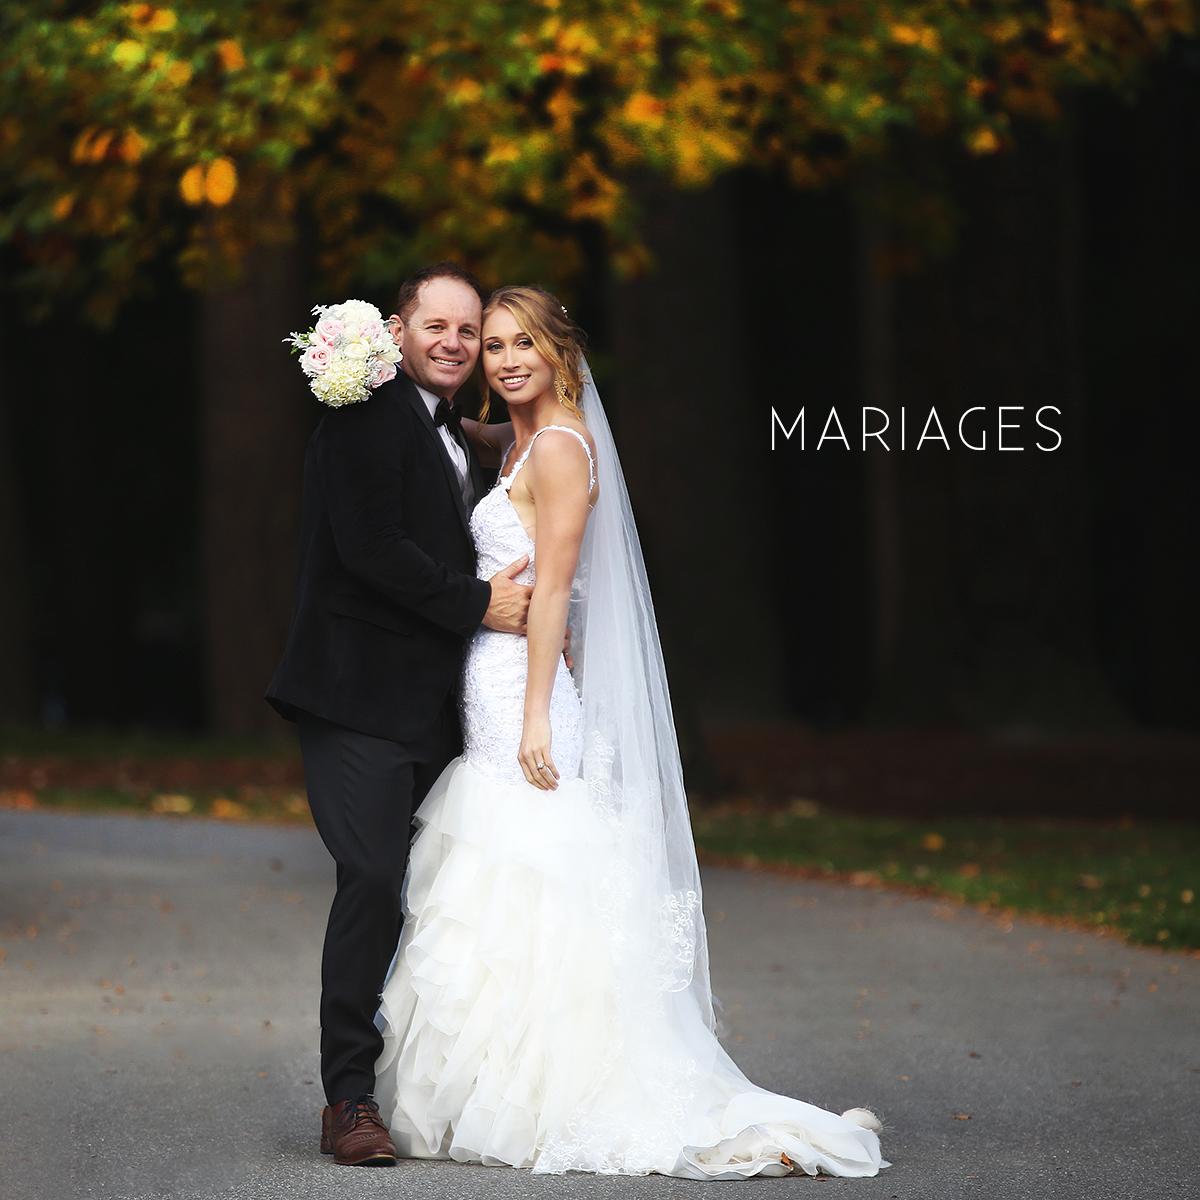 Photographe de mariages en Loire Atlantique et en Bretagne - Elise Fournier